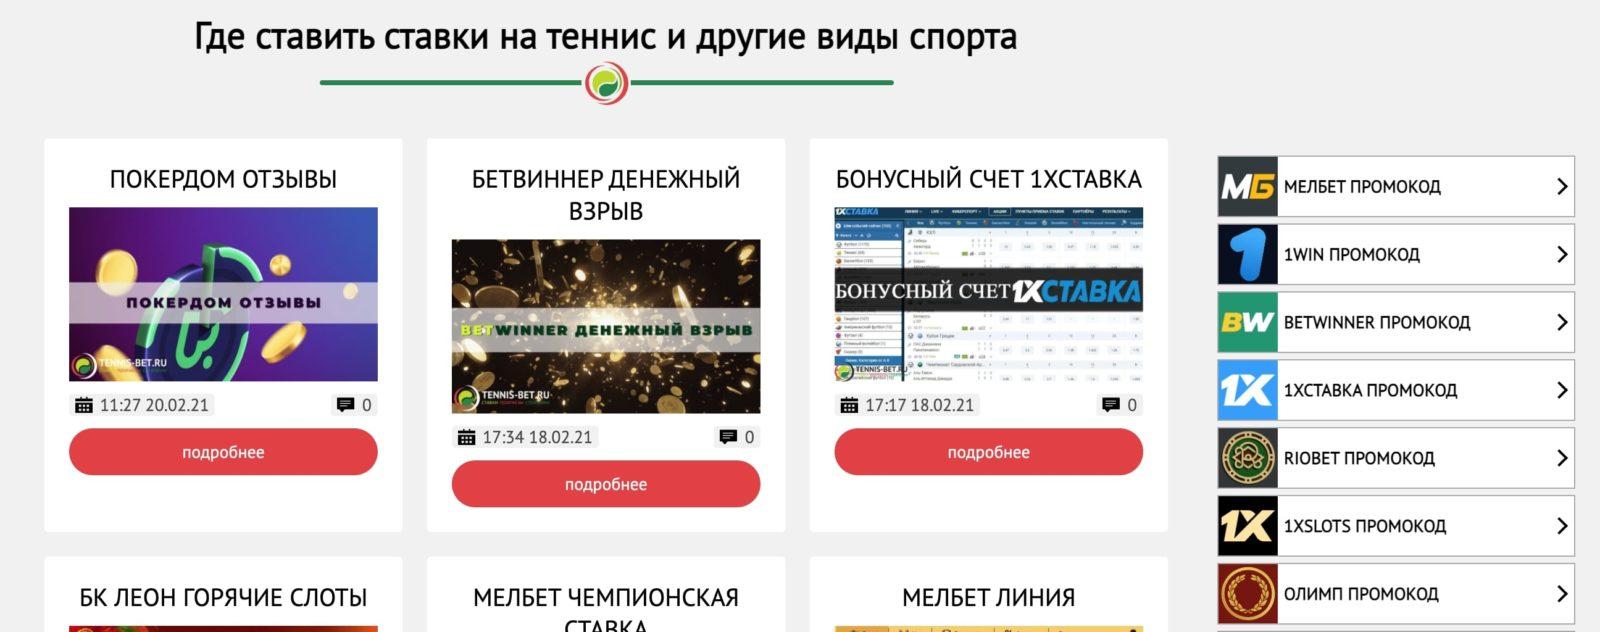 Реклама БК на сайте каппера Tennis-bet.ru (Теннис Бет ру)